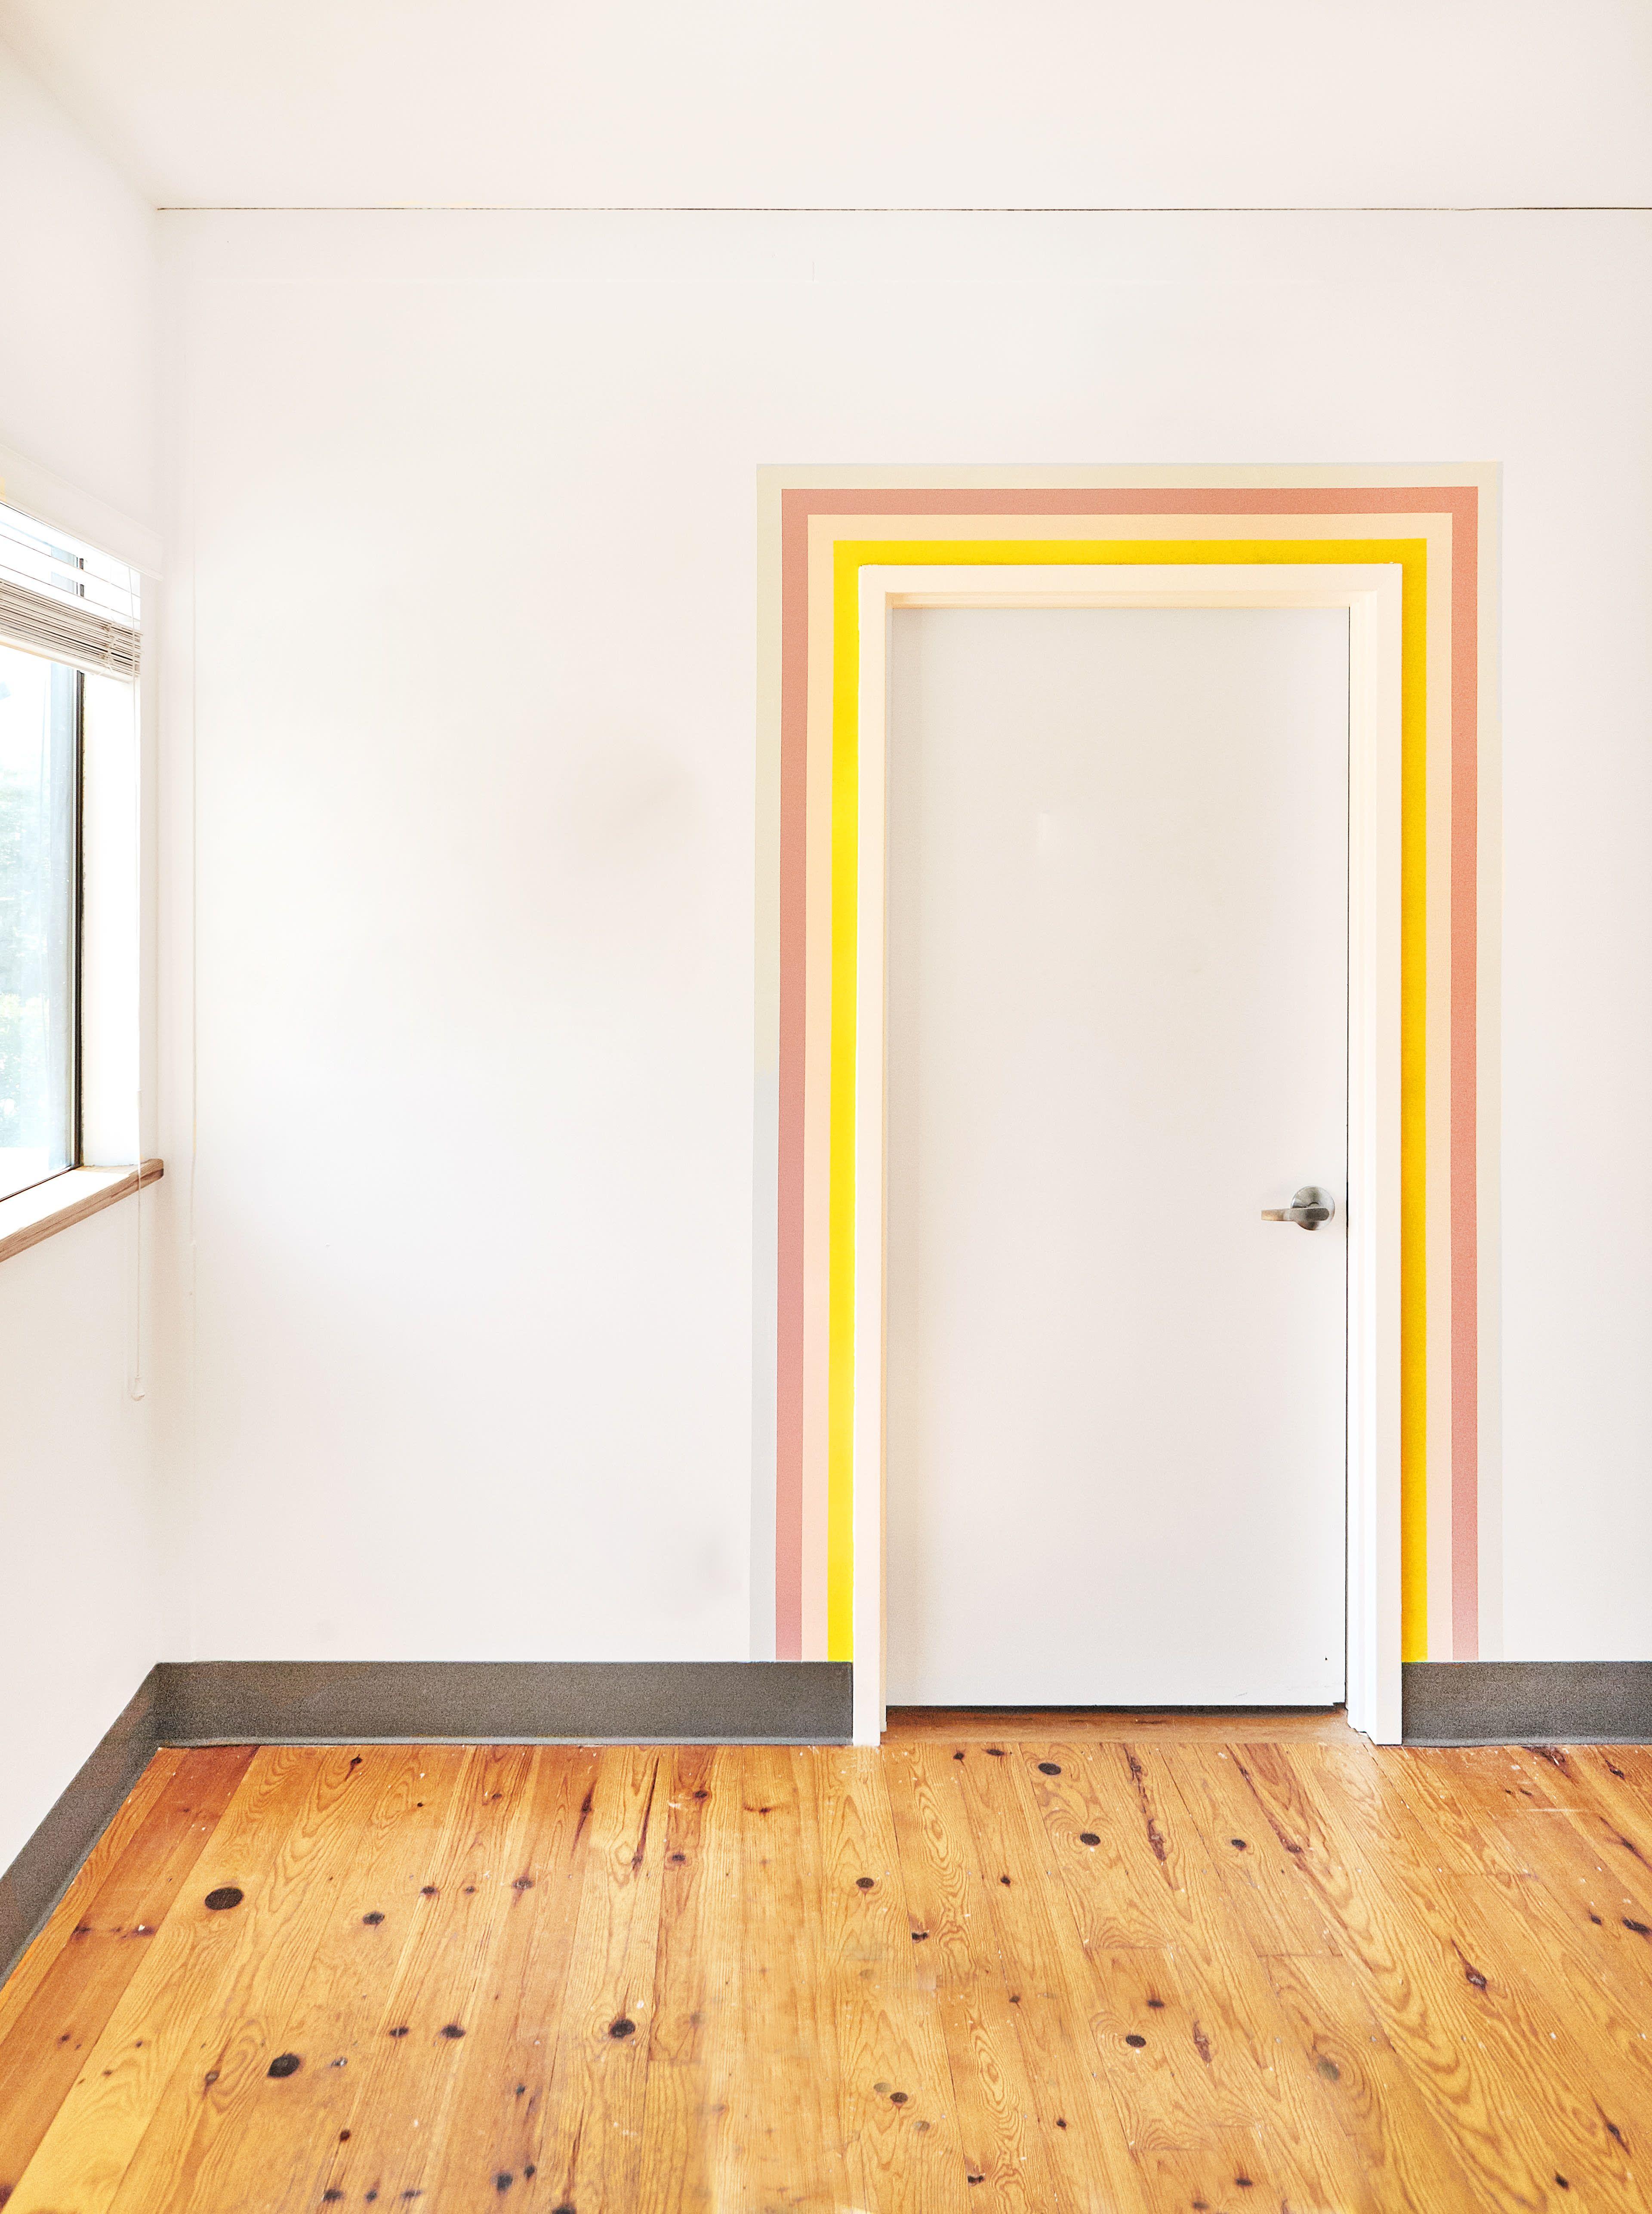 2 Easy Painted Door Frame Diys To Try Now Door Frame Painted Doors Home